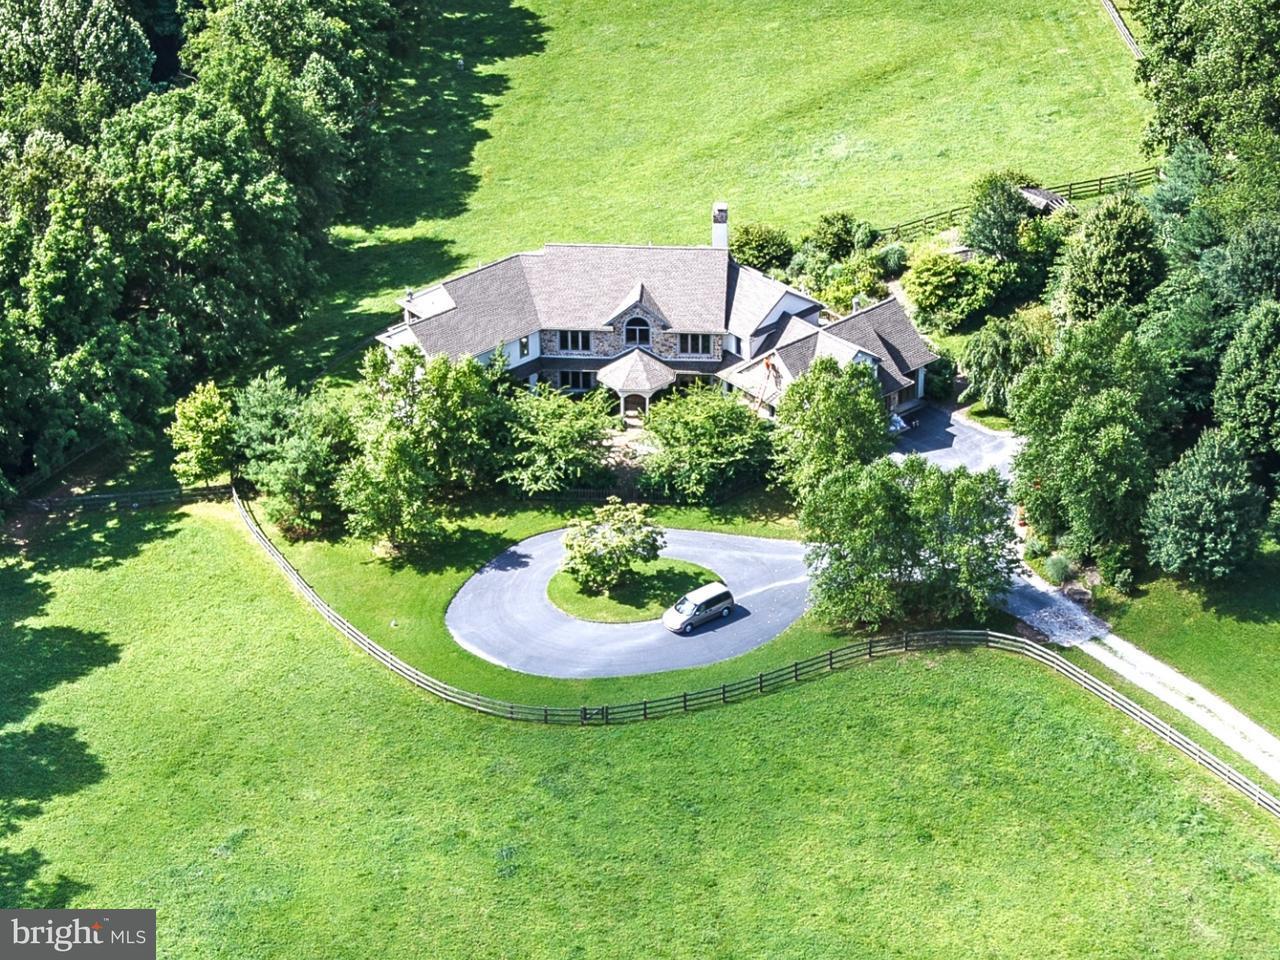 Частный односемейный дом для того Продажа на 438 GROUNDHOG COLLEGE Road West Chester, Пенсильвания 19382 Соединенные Штаты